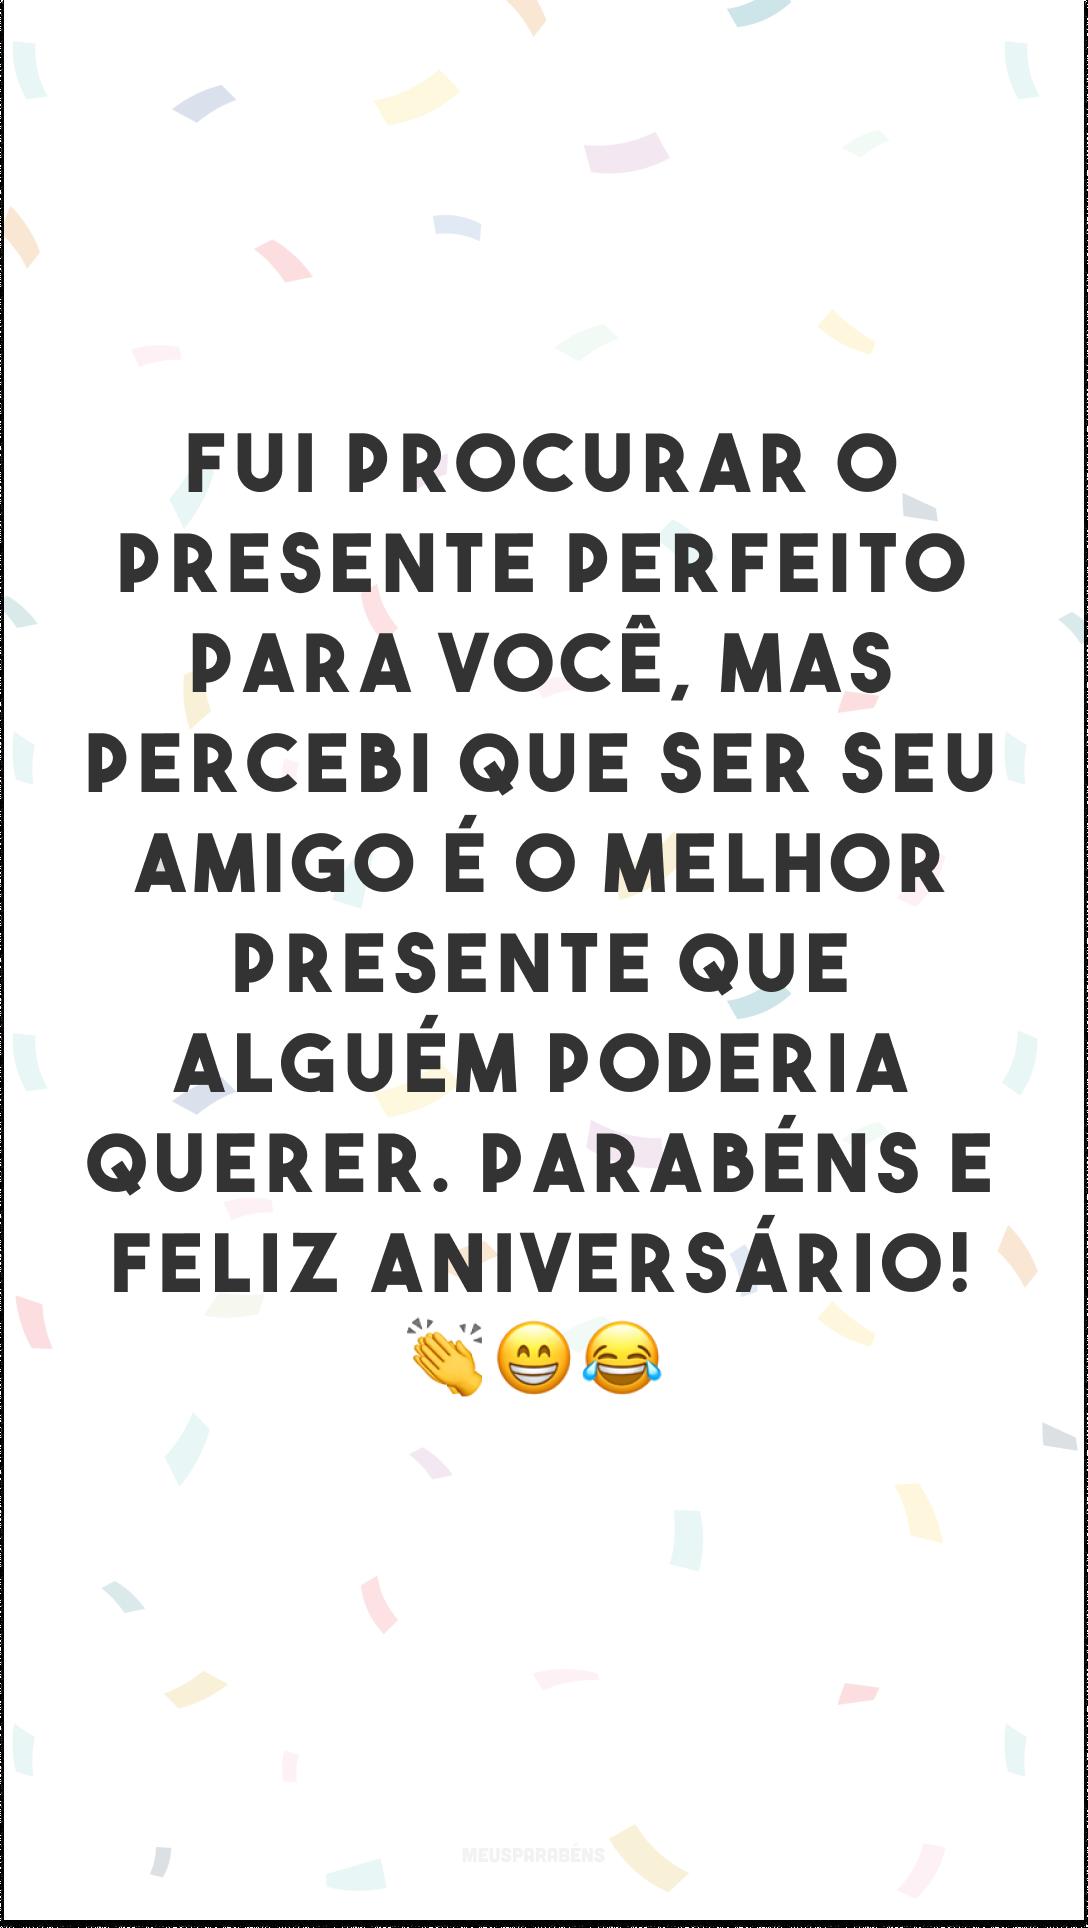 Fui procurar o presente perfeito para você, mas percebi que ser seu amigo é o melhor presente que alguém poderia querer. Parabéns e feliz aniversário! 👏😁😂